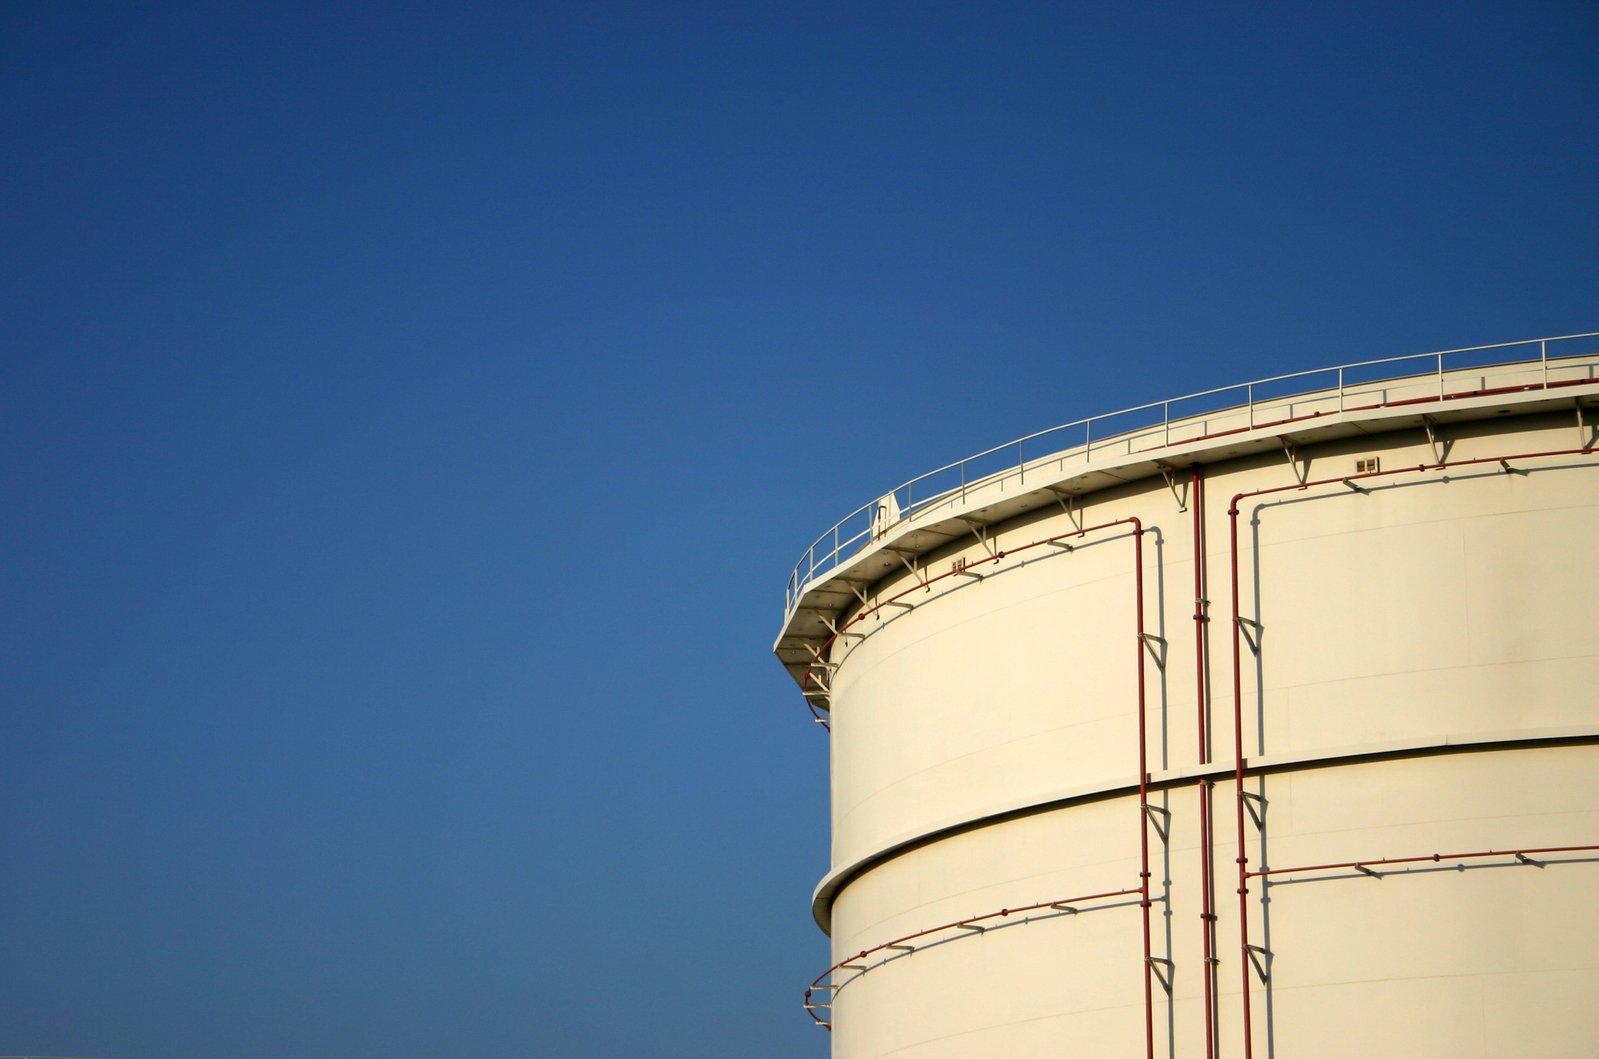 Cheniere -industrial-silo-1529990